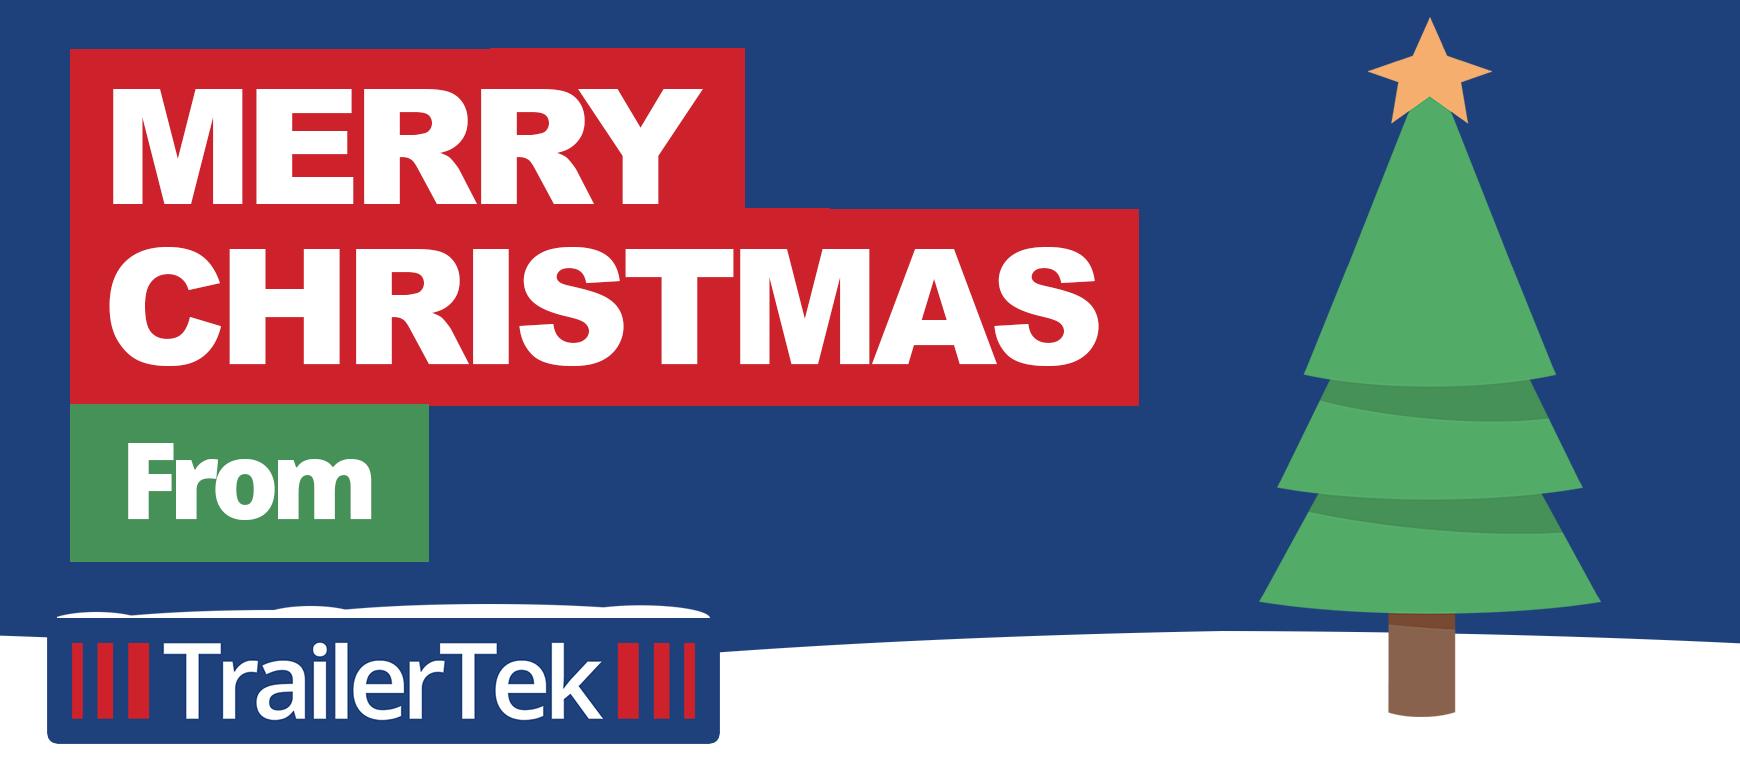 Merry Christmas from TrailerTek